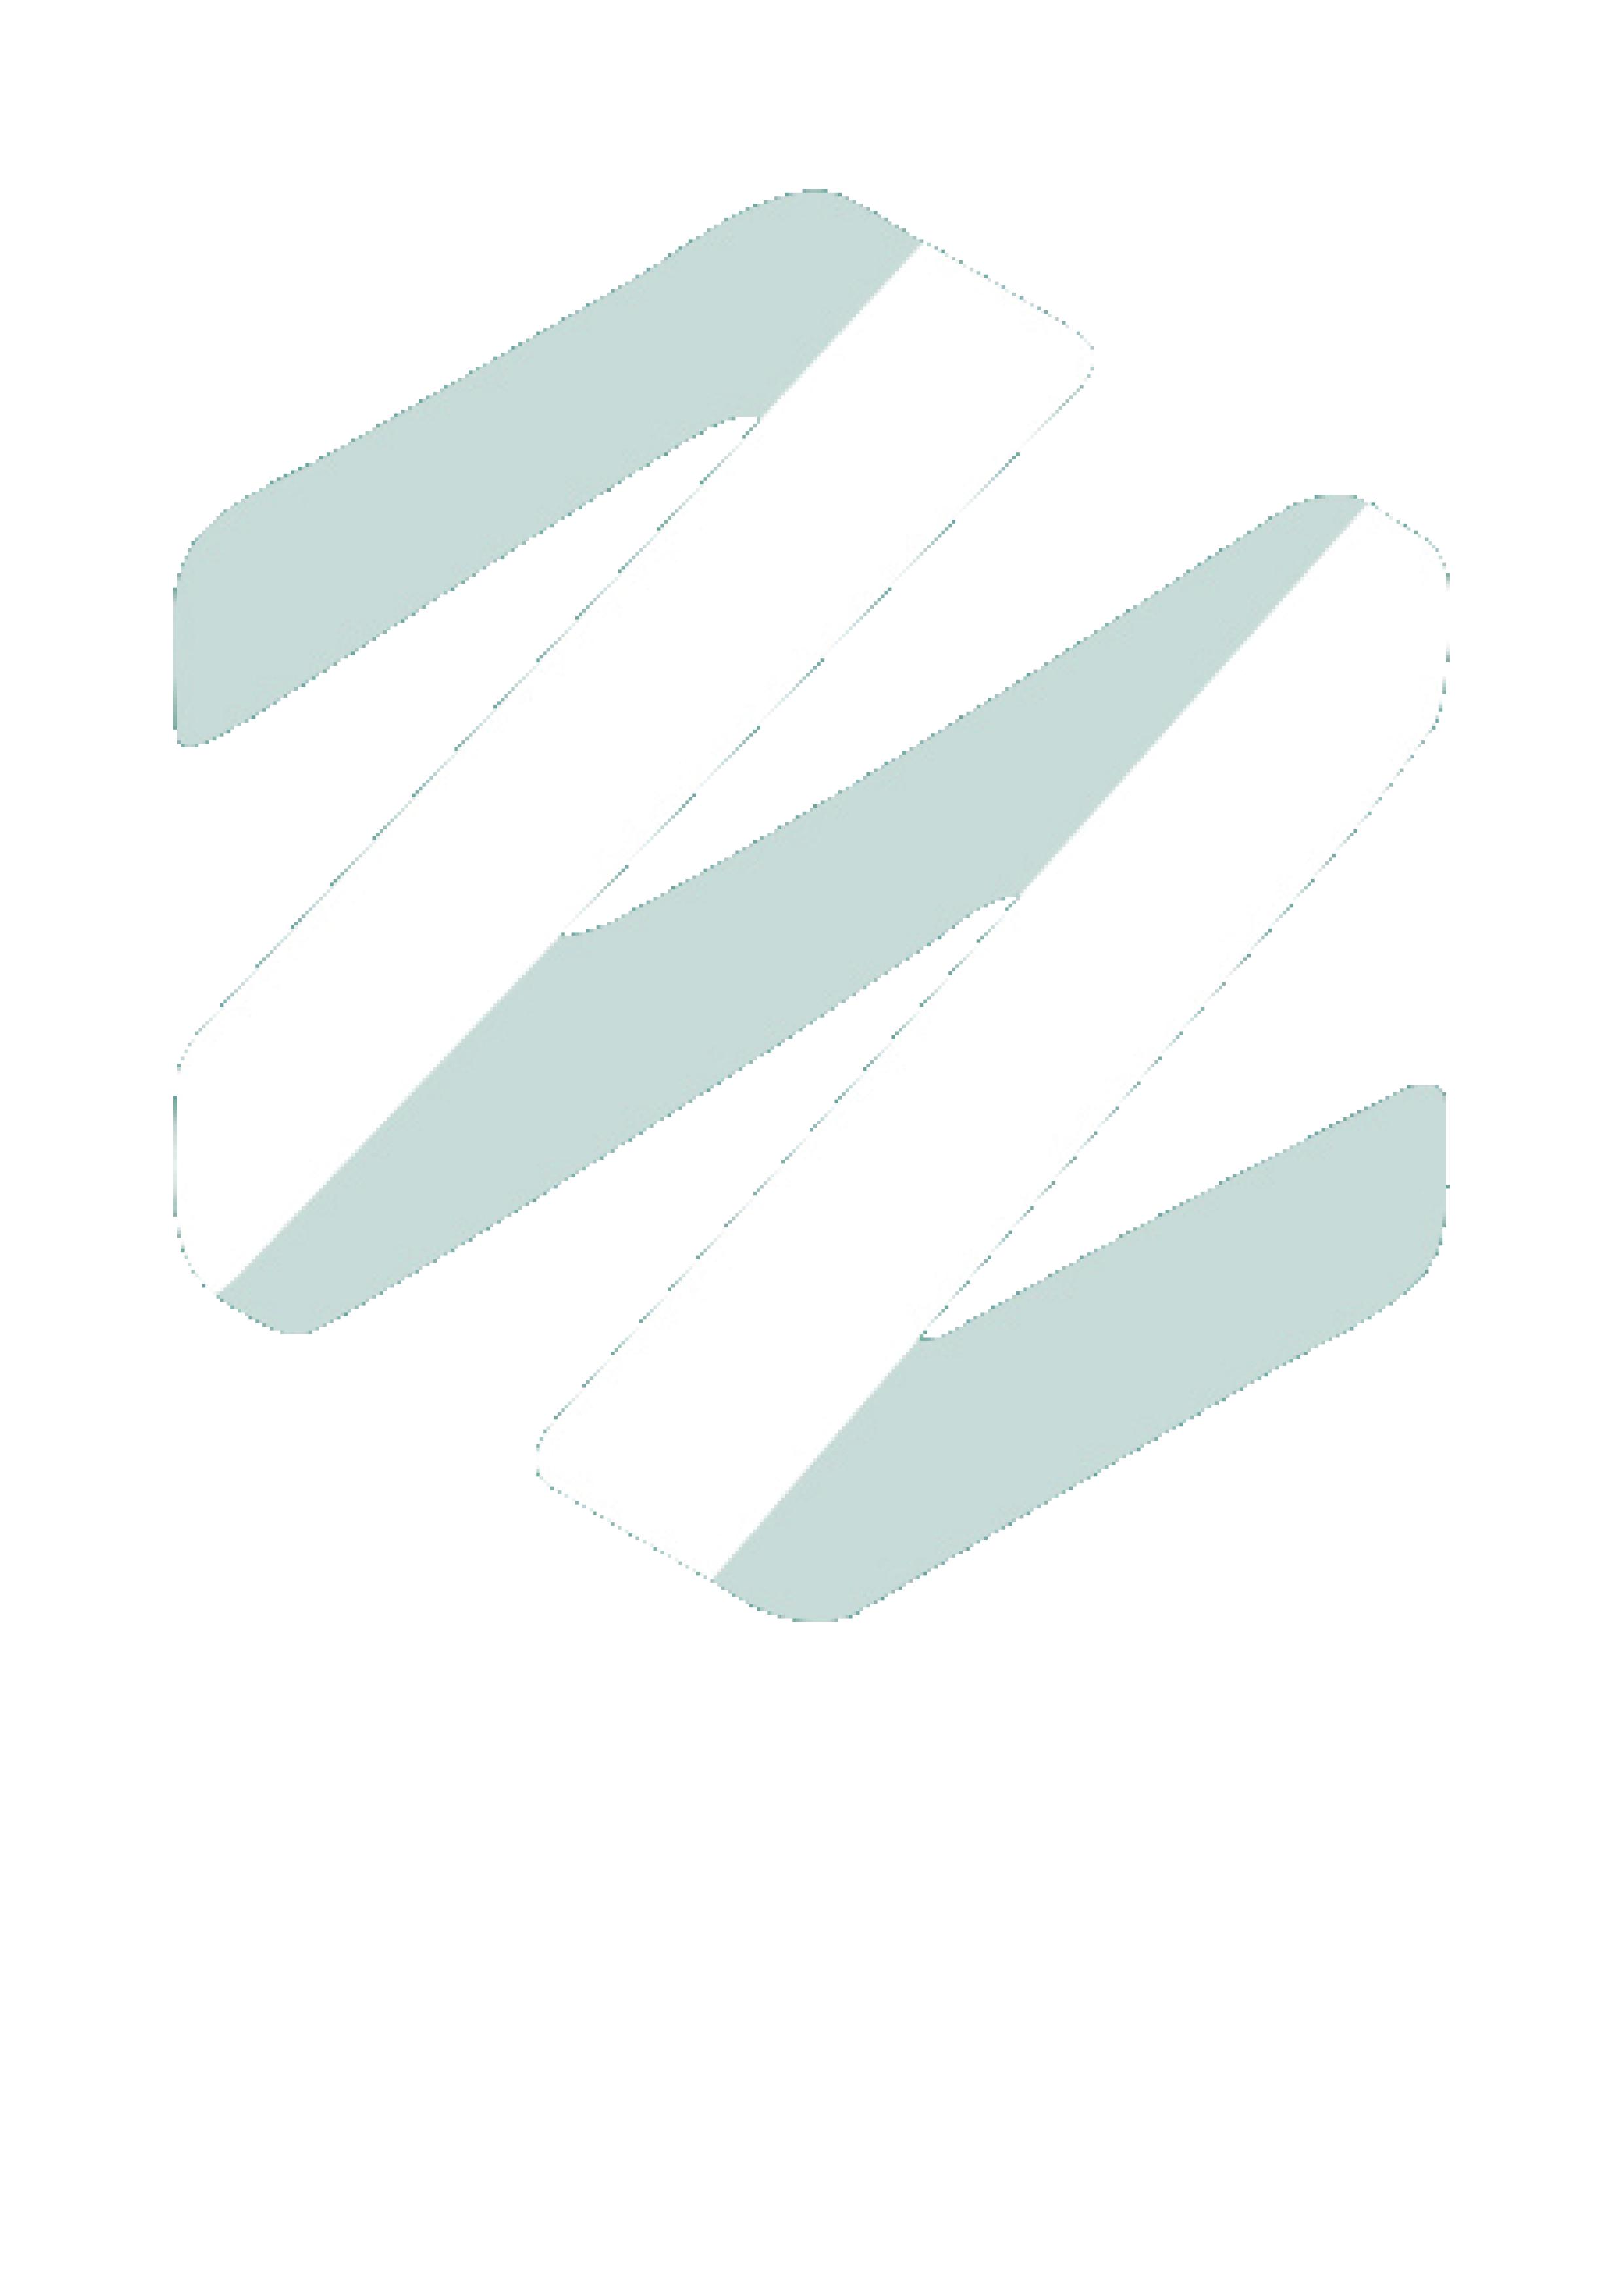 InterStis | Logiciel en ligne de télétravail, gestion de projet, et travail collaboratif pour la fonction publique (Mairies/collectivités)